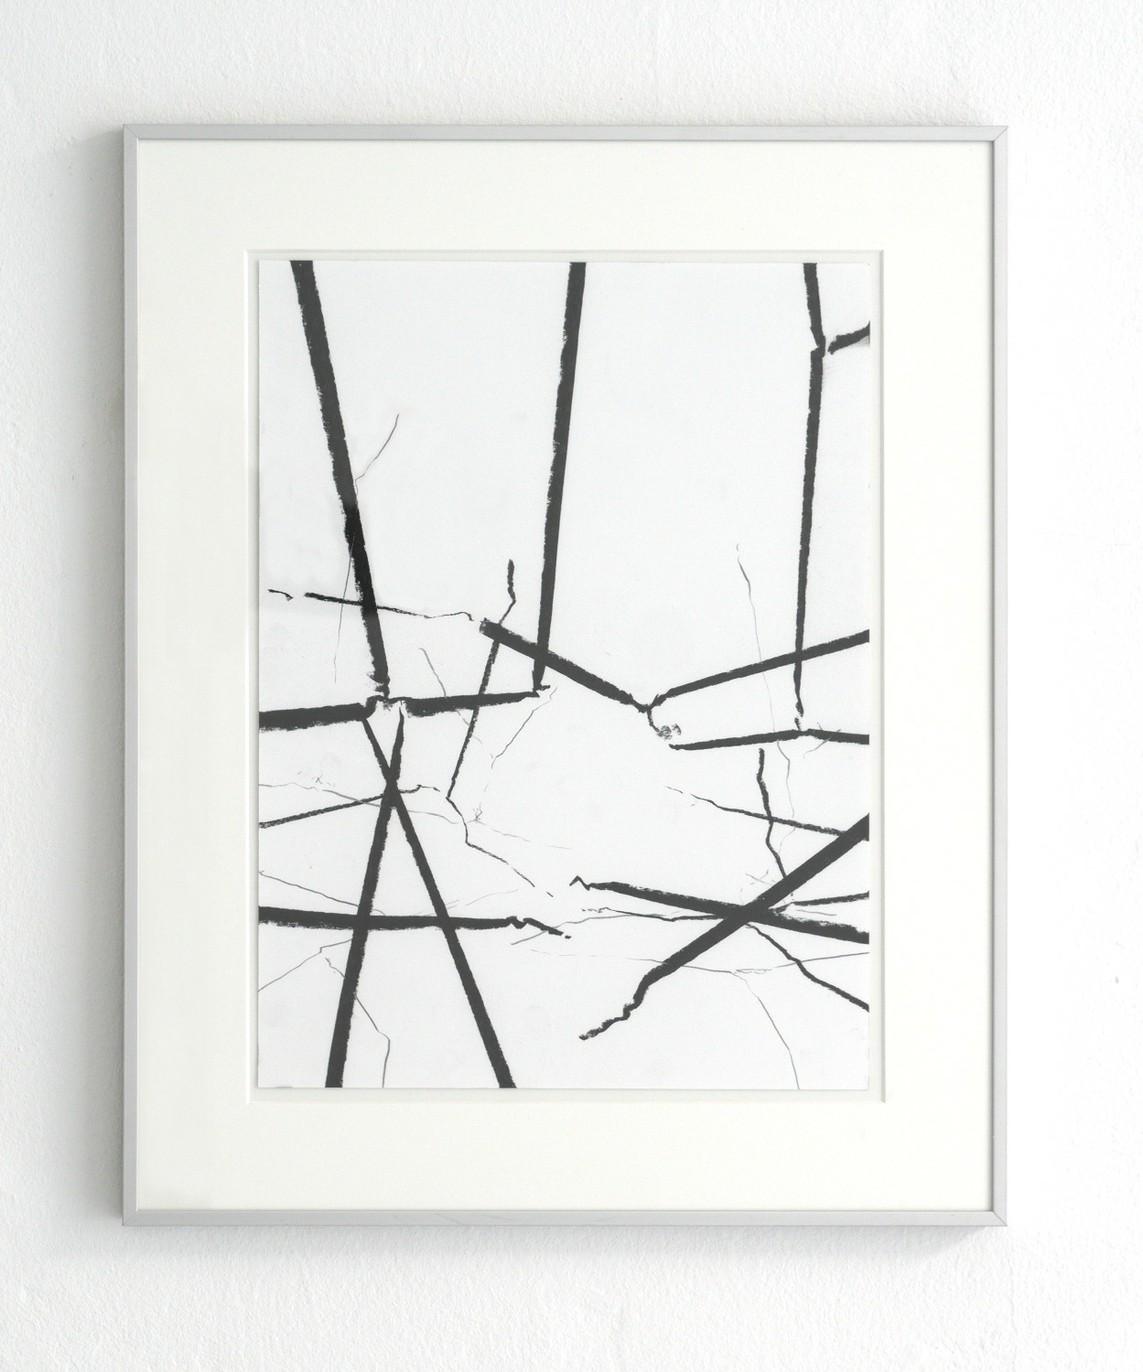 o.T., 2017, Mischtechik auf Papier, 38 x 28 cm